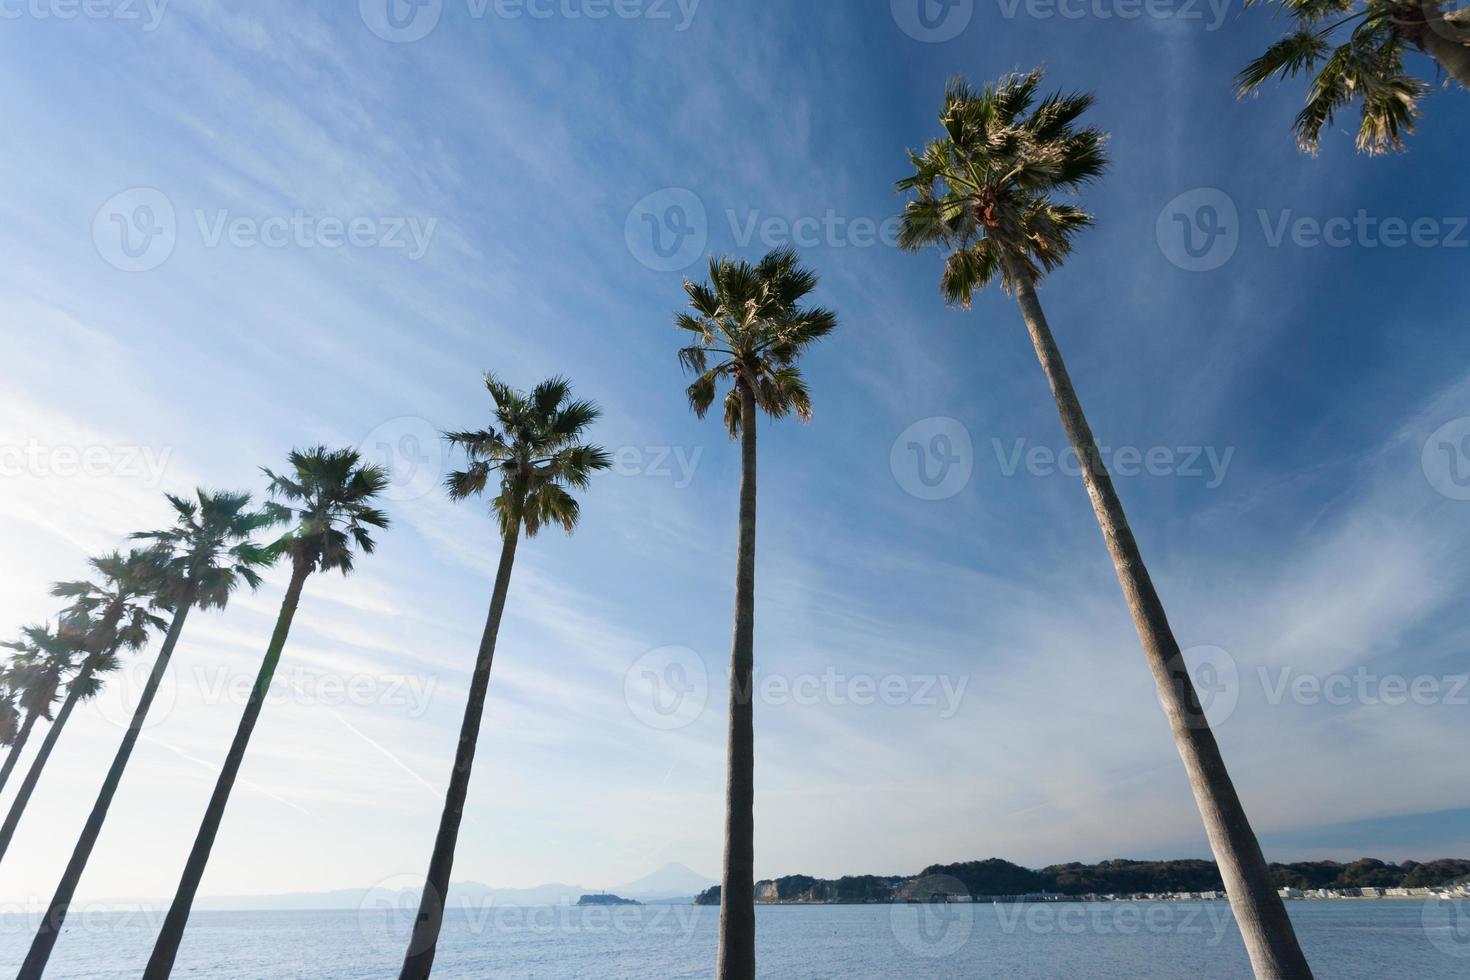 Shonan com palmeiras foto